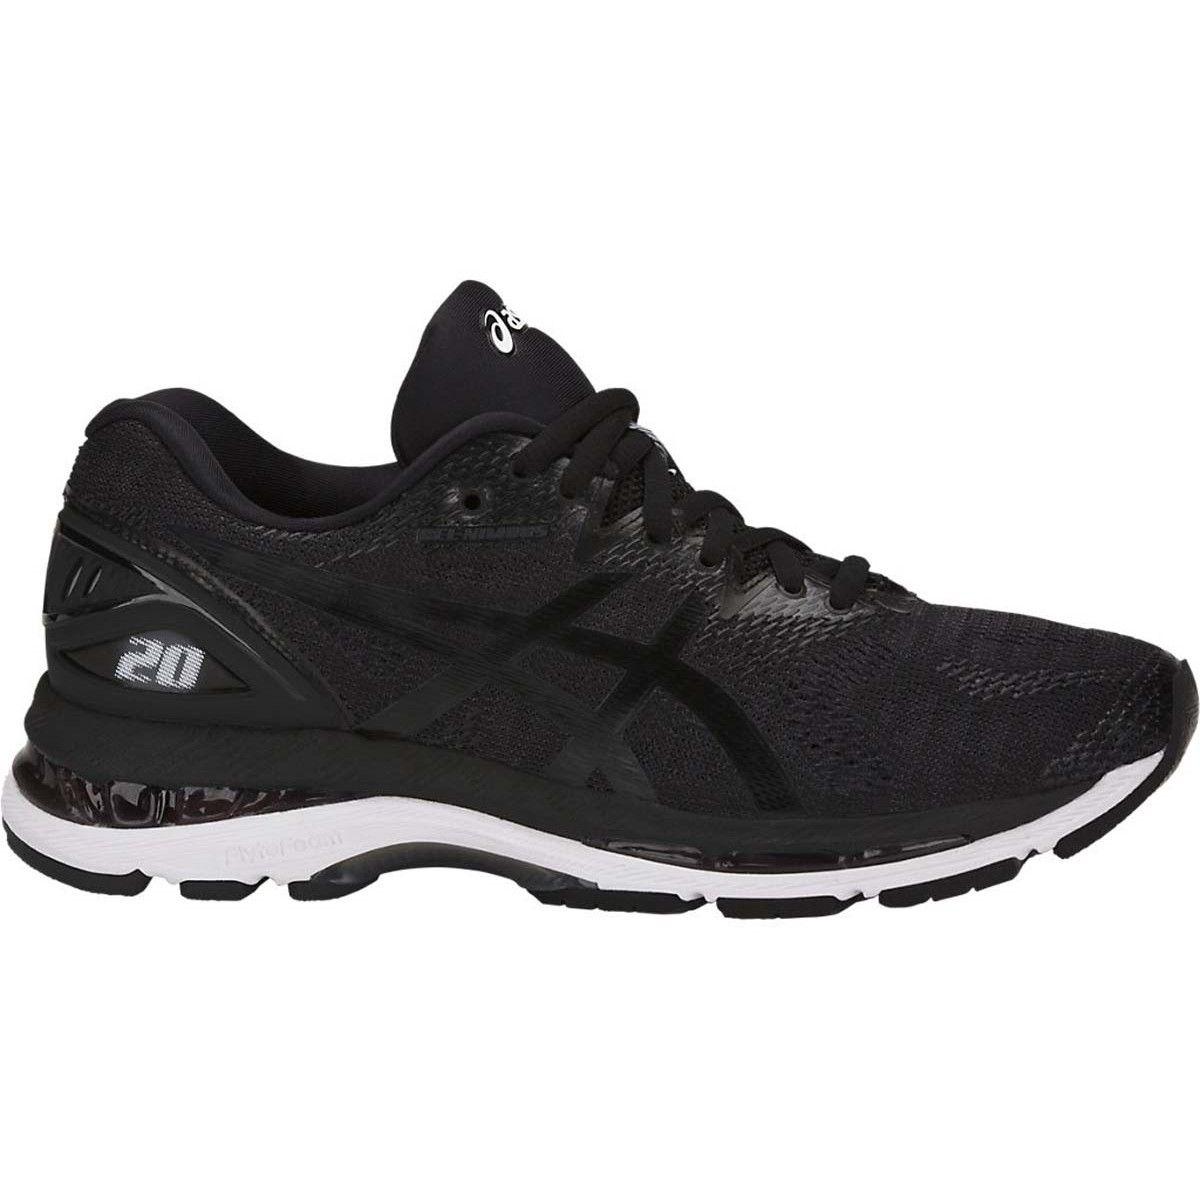 8d3e32a3891f Women s ASICS Gel-Nimbus 20 Running Shoe